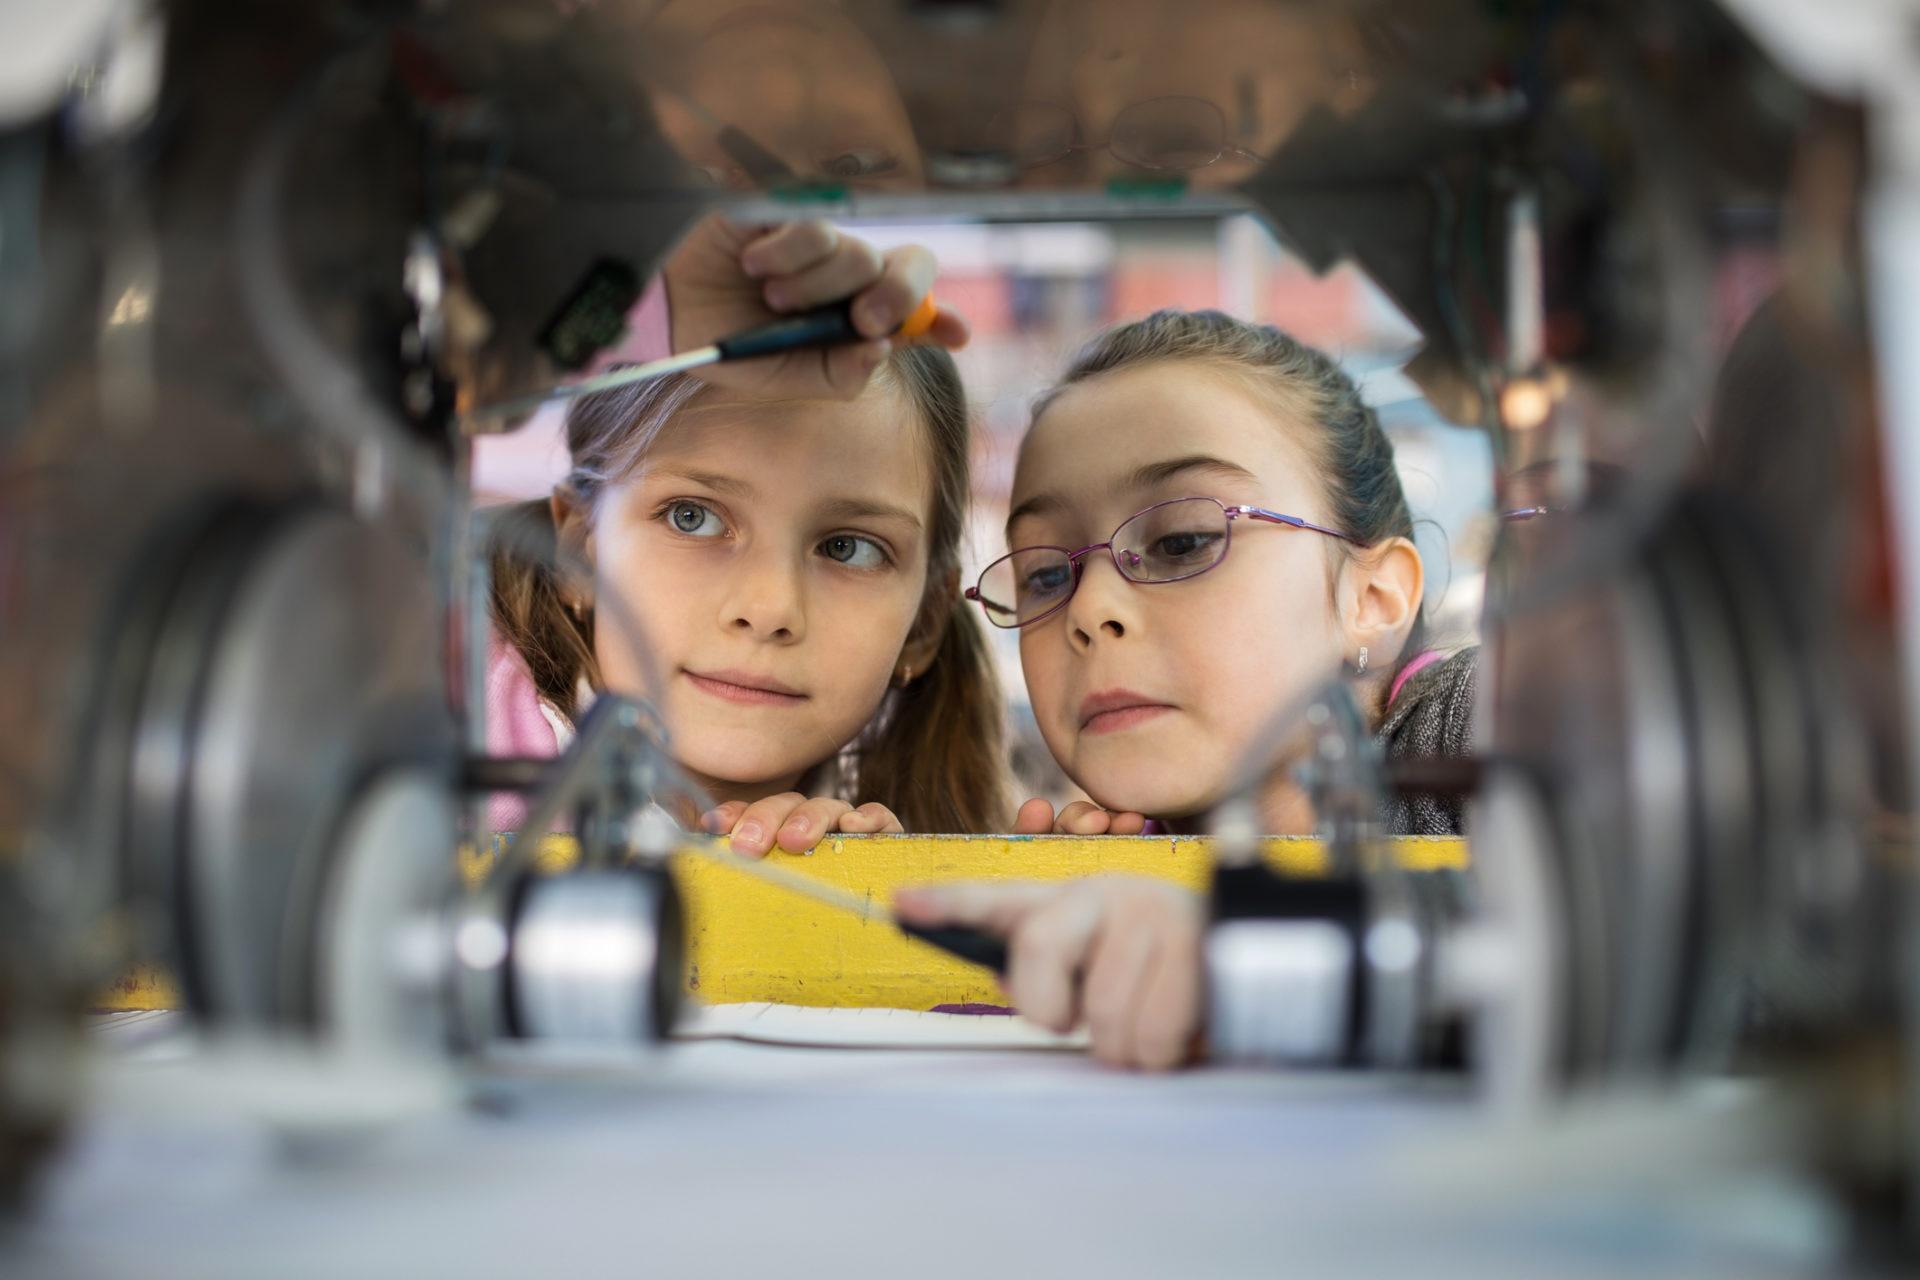 niñas tecnologia robots innovacion recurso bbva